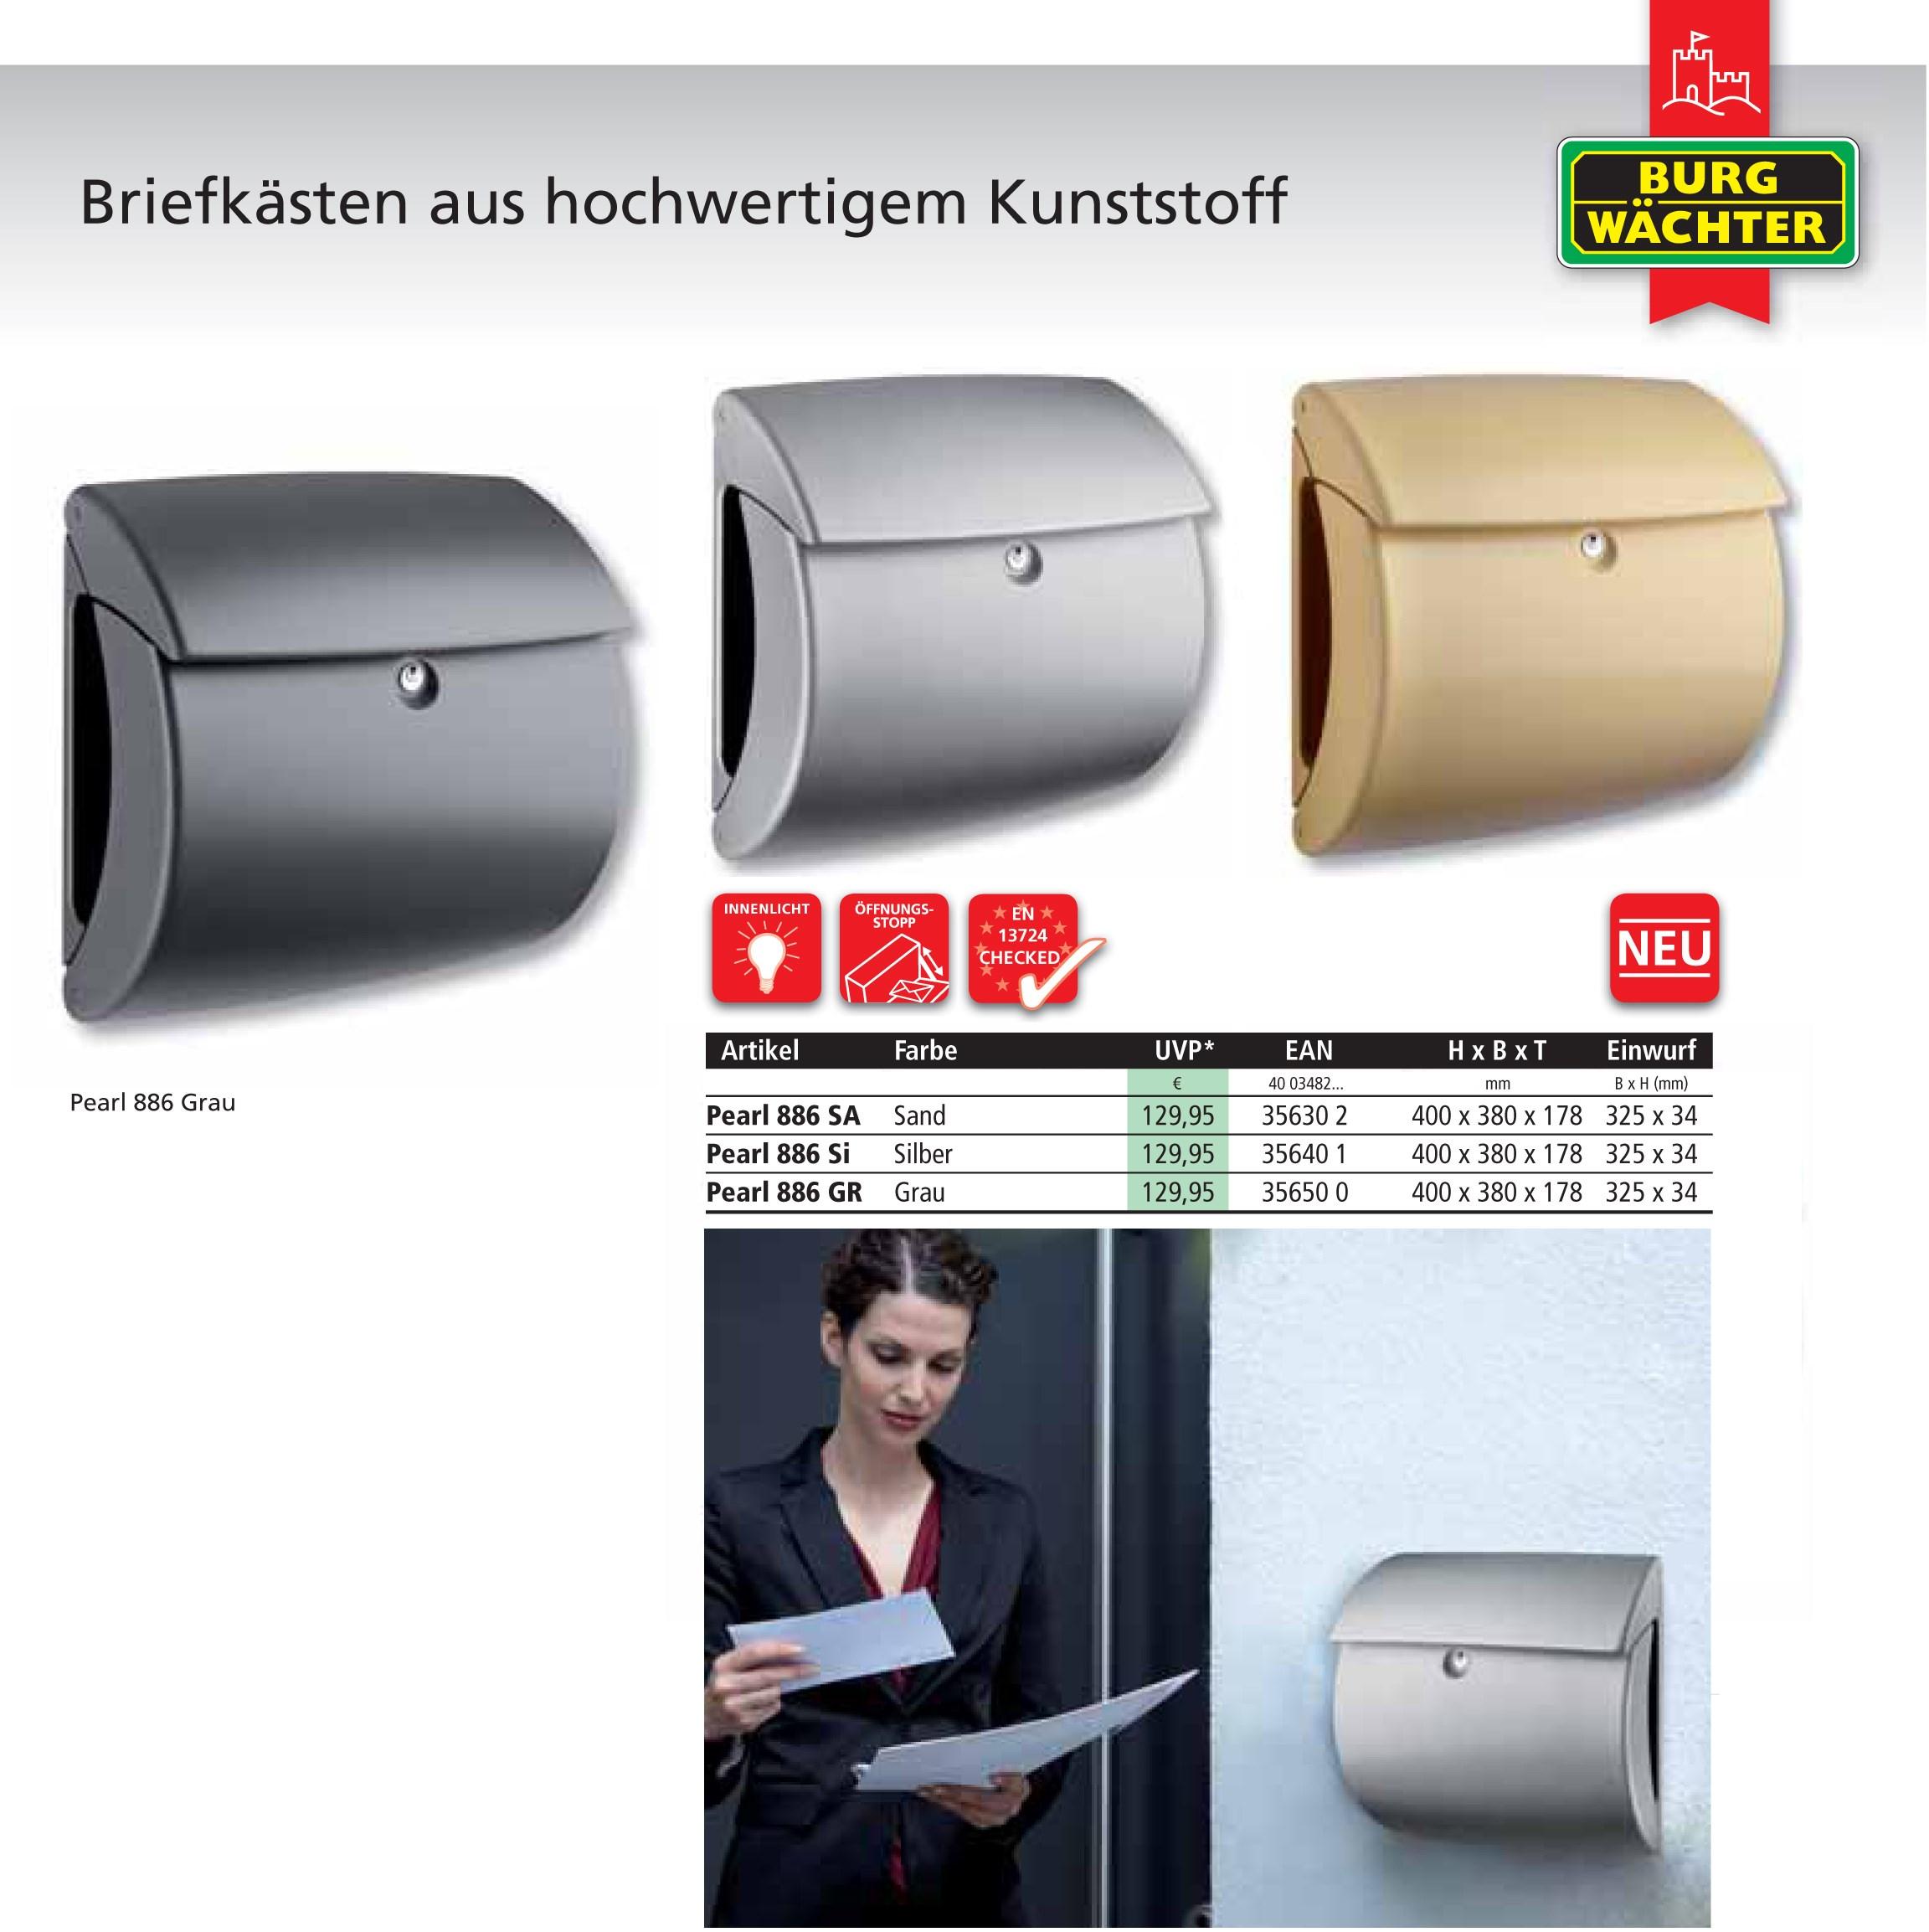 Turbo Pearl BURG-WÄCHTER | Kunststoff-Briefkasten in Mattlack  RW82